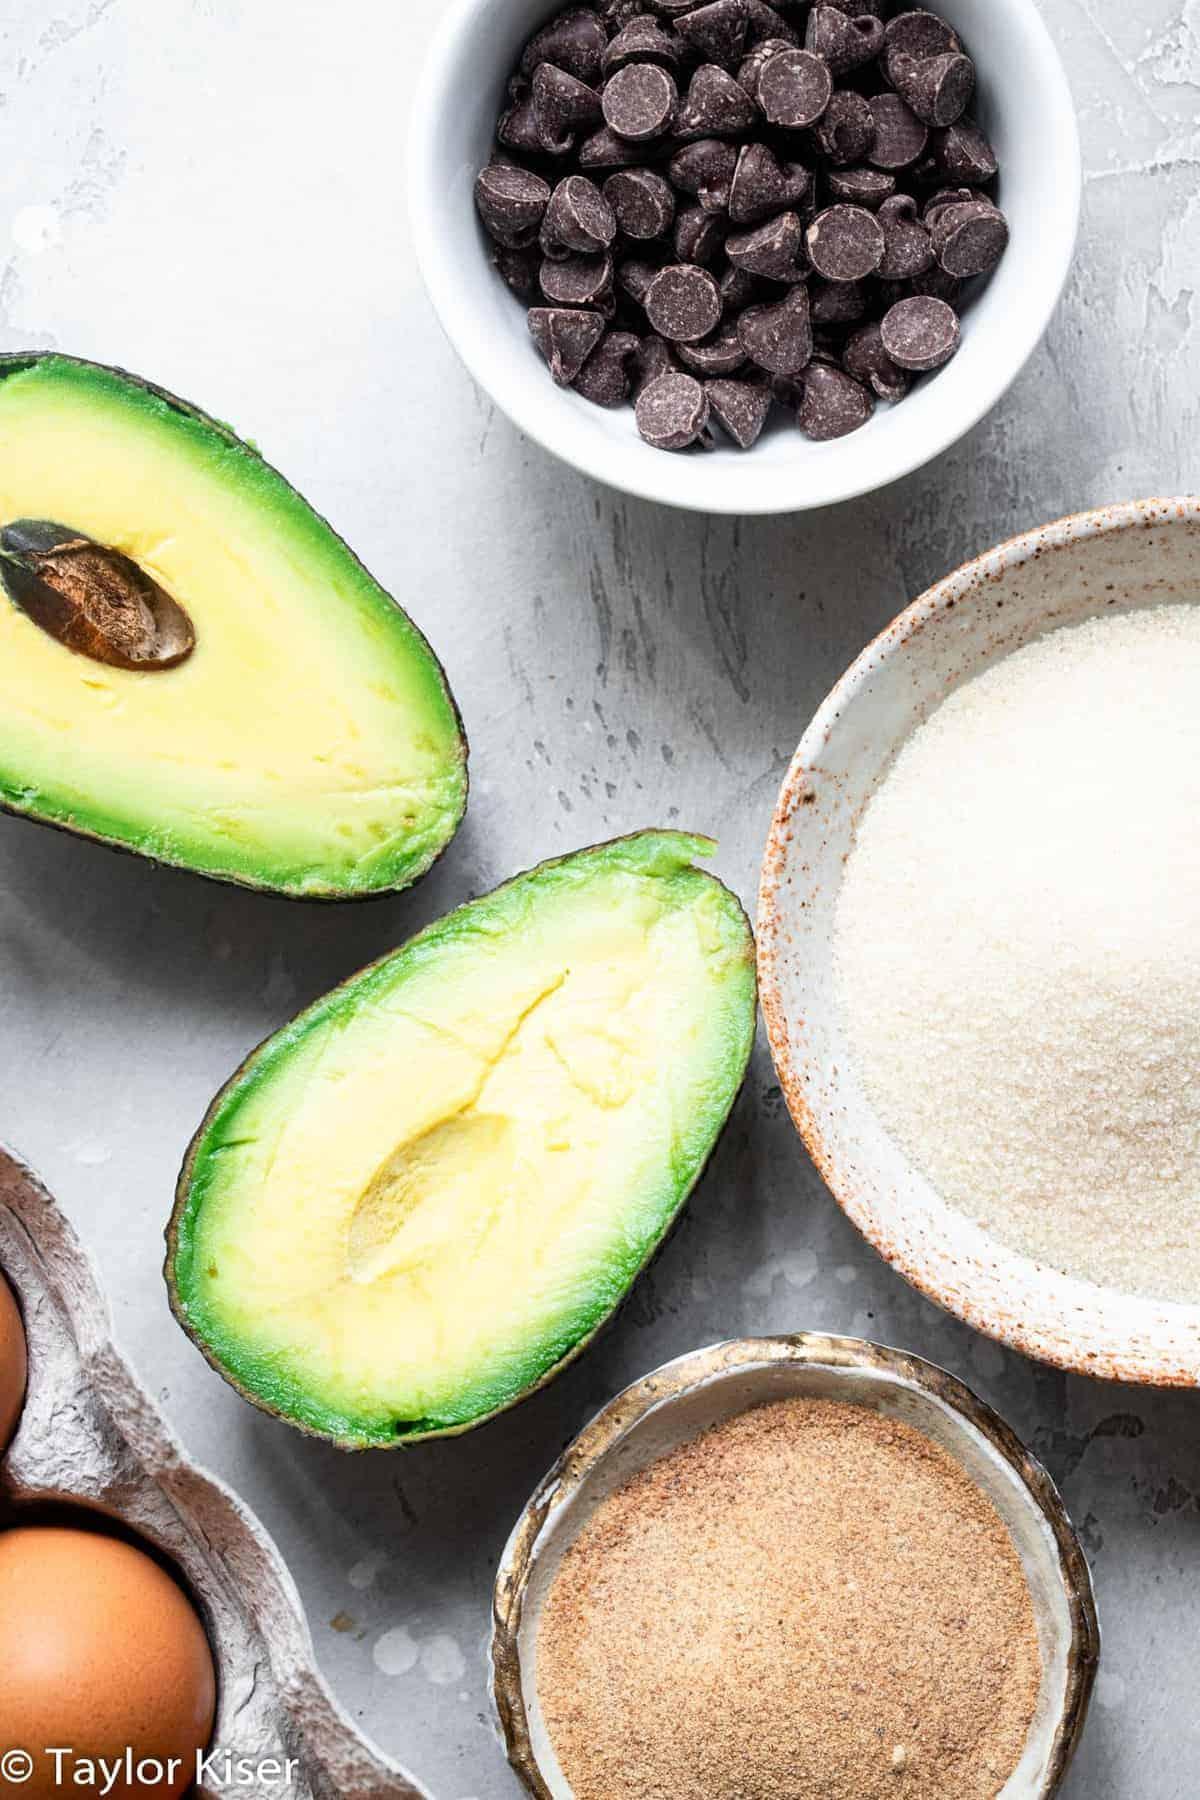 ingredients to make avocado cookies